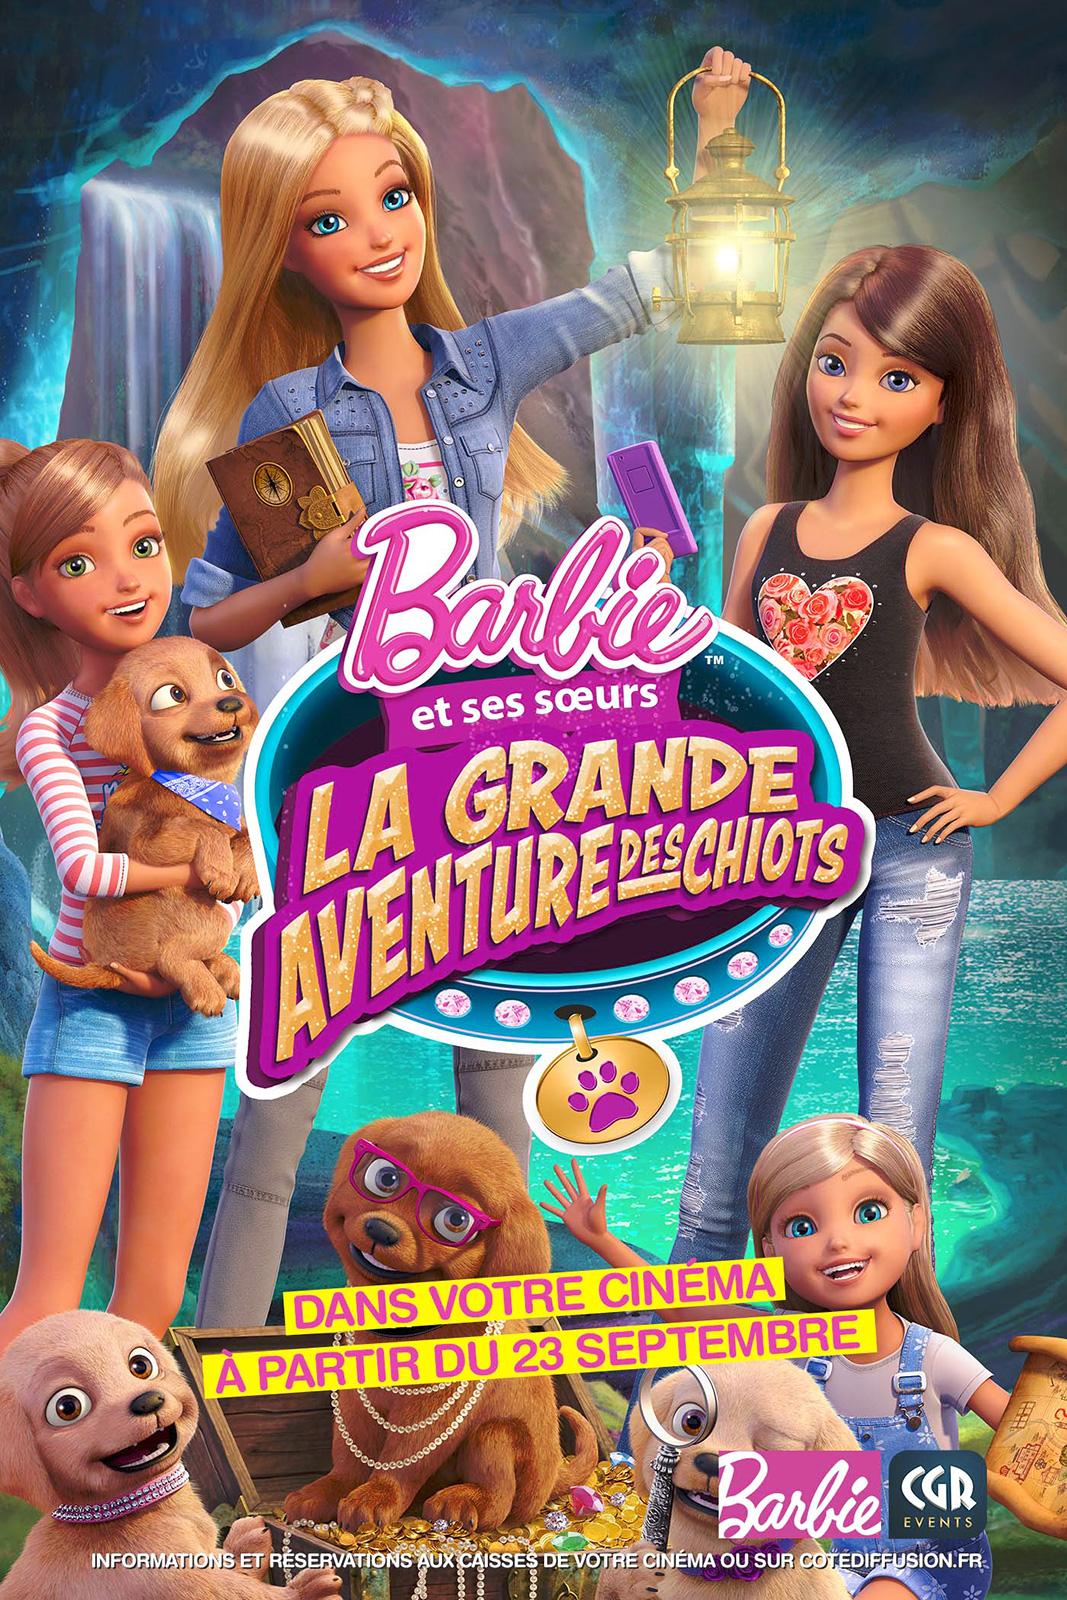 telecharger Barbie - La grande aventure des chiots (CGR Events) 1080p Gratuit